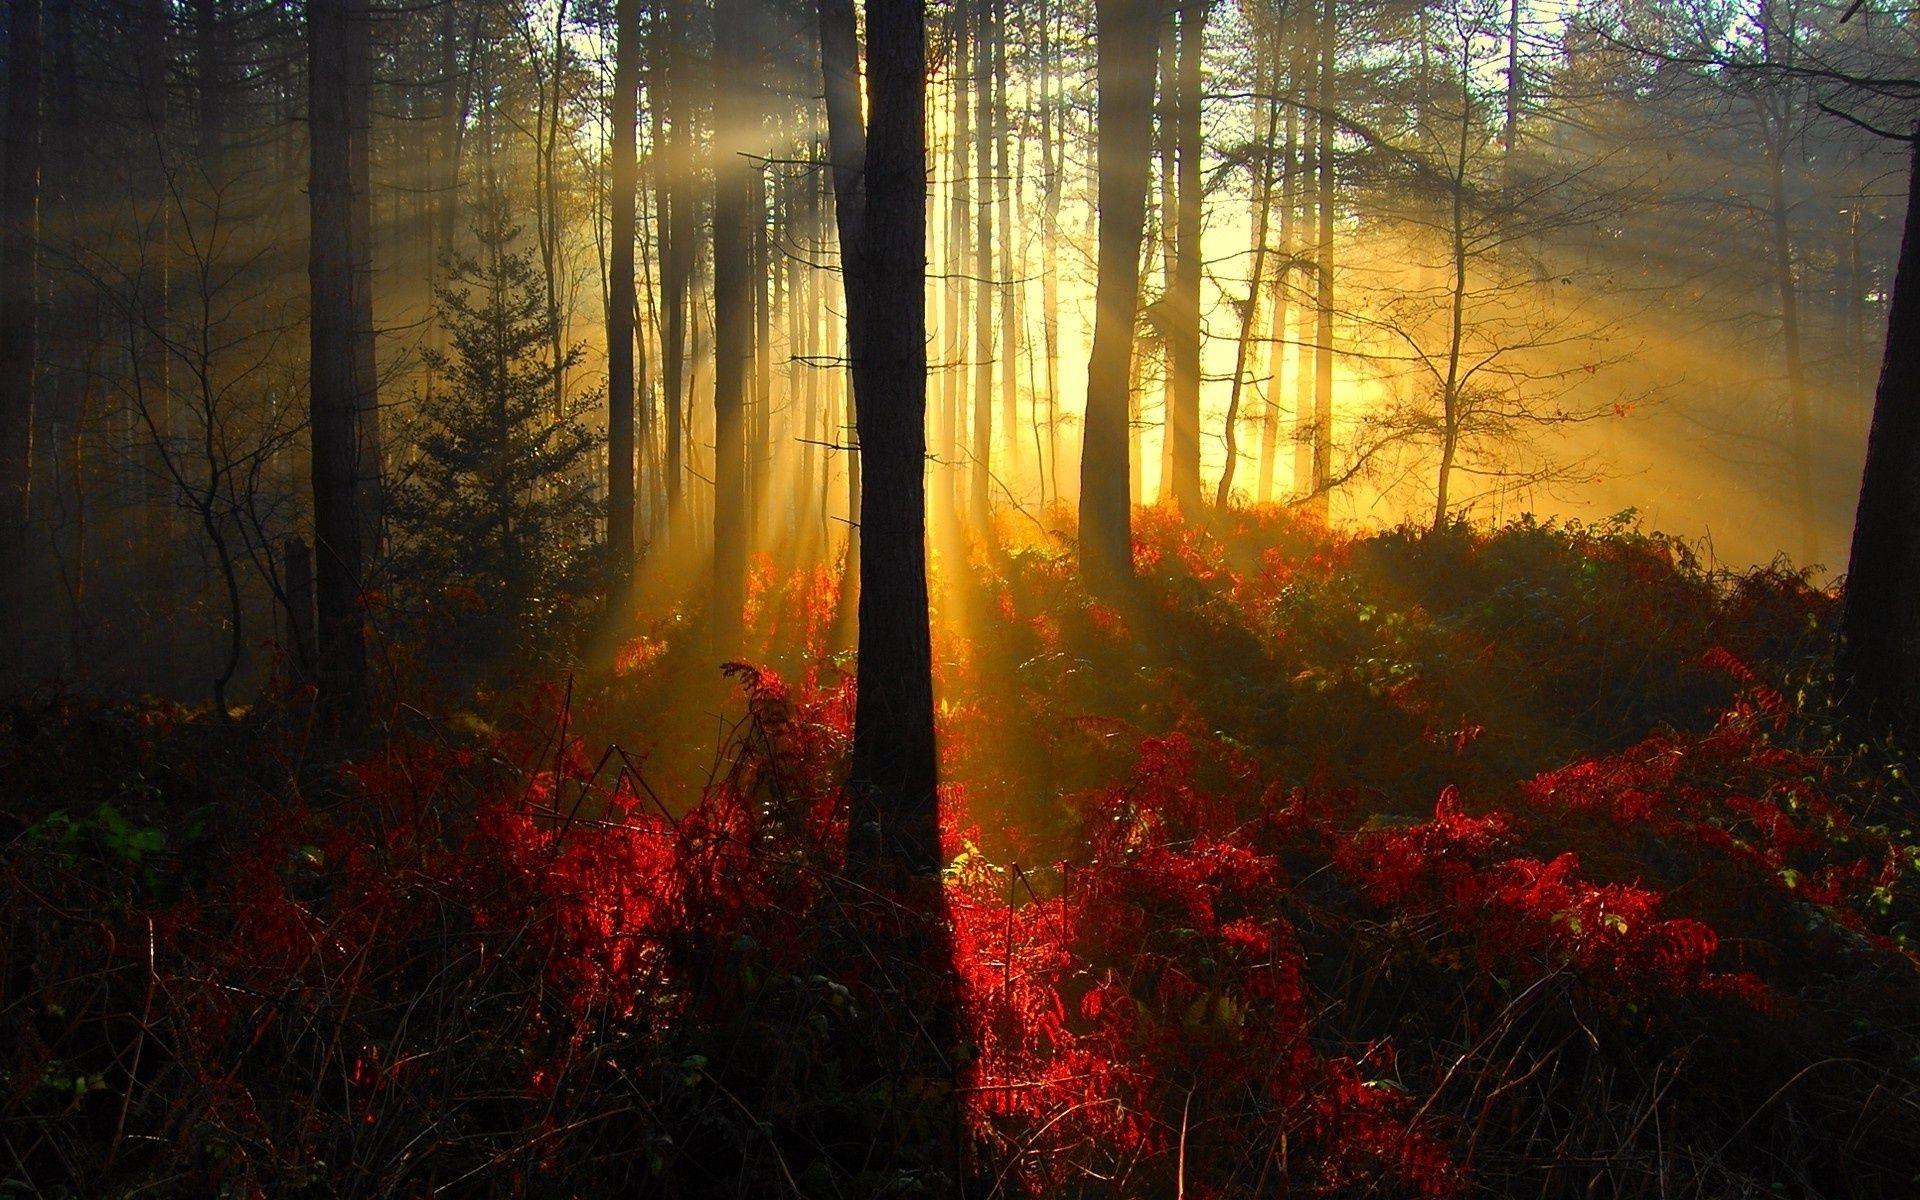 ностра картинка красивого заката в лесу главные